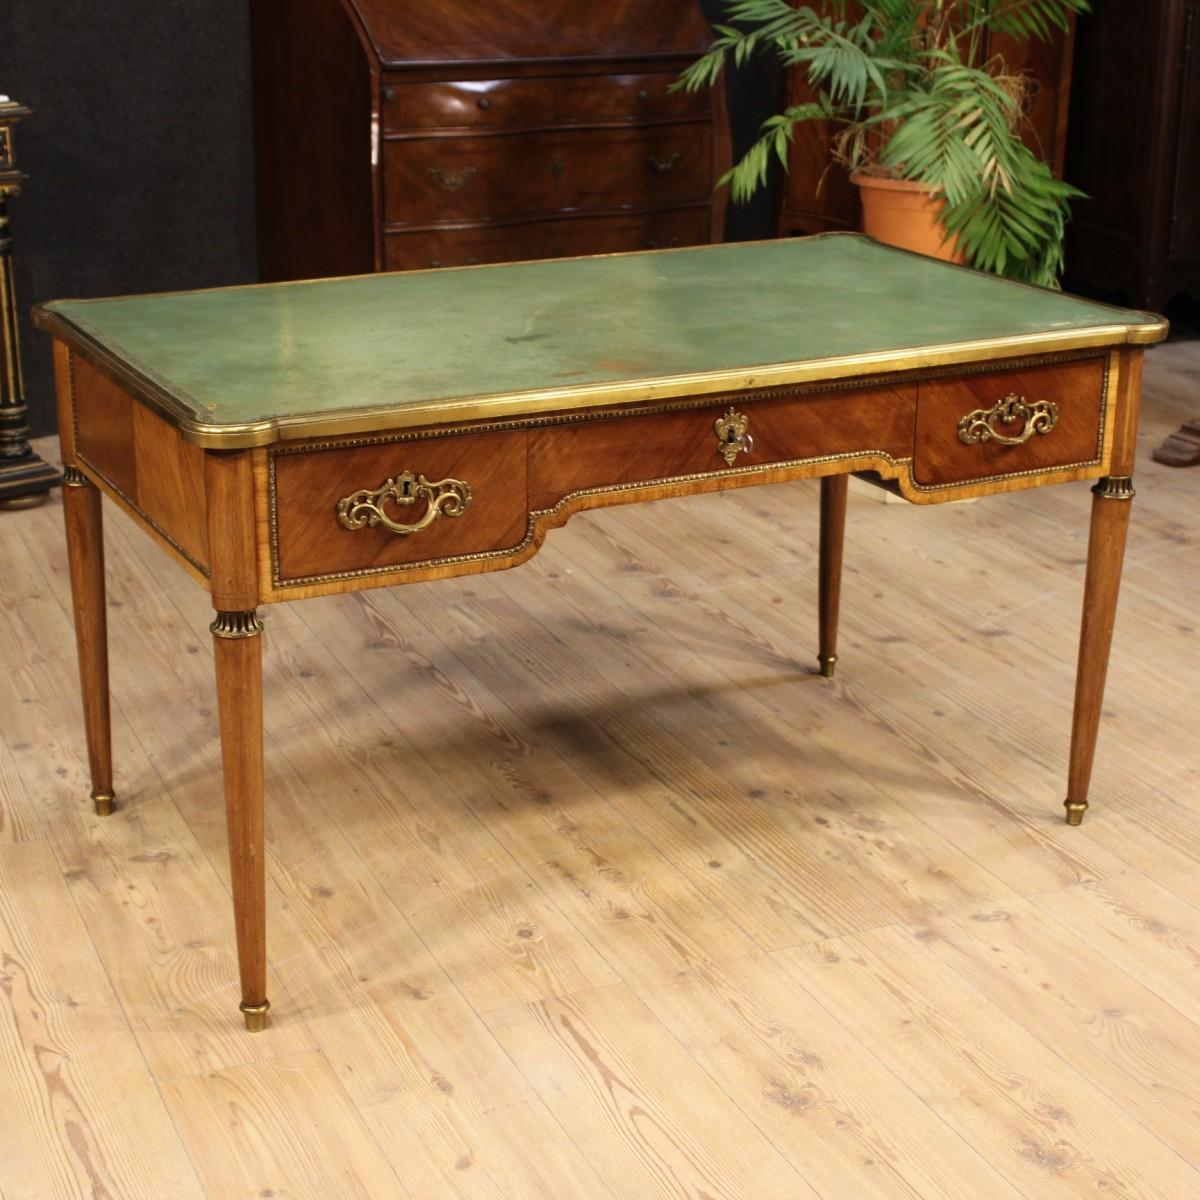 Arredare casa con i mobili inglesi antichi - Mobili fine 800 ...